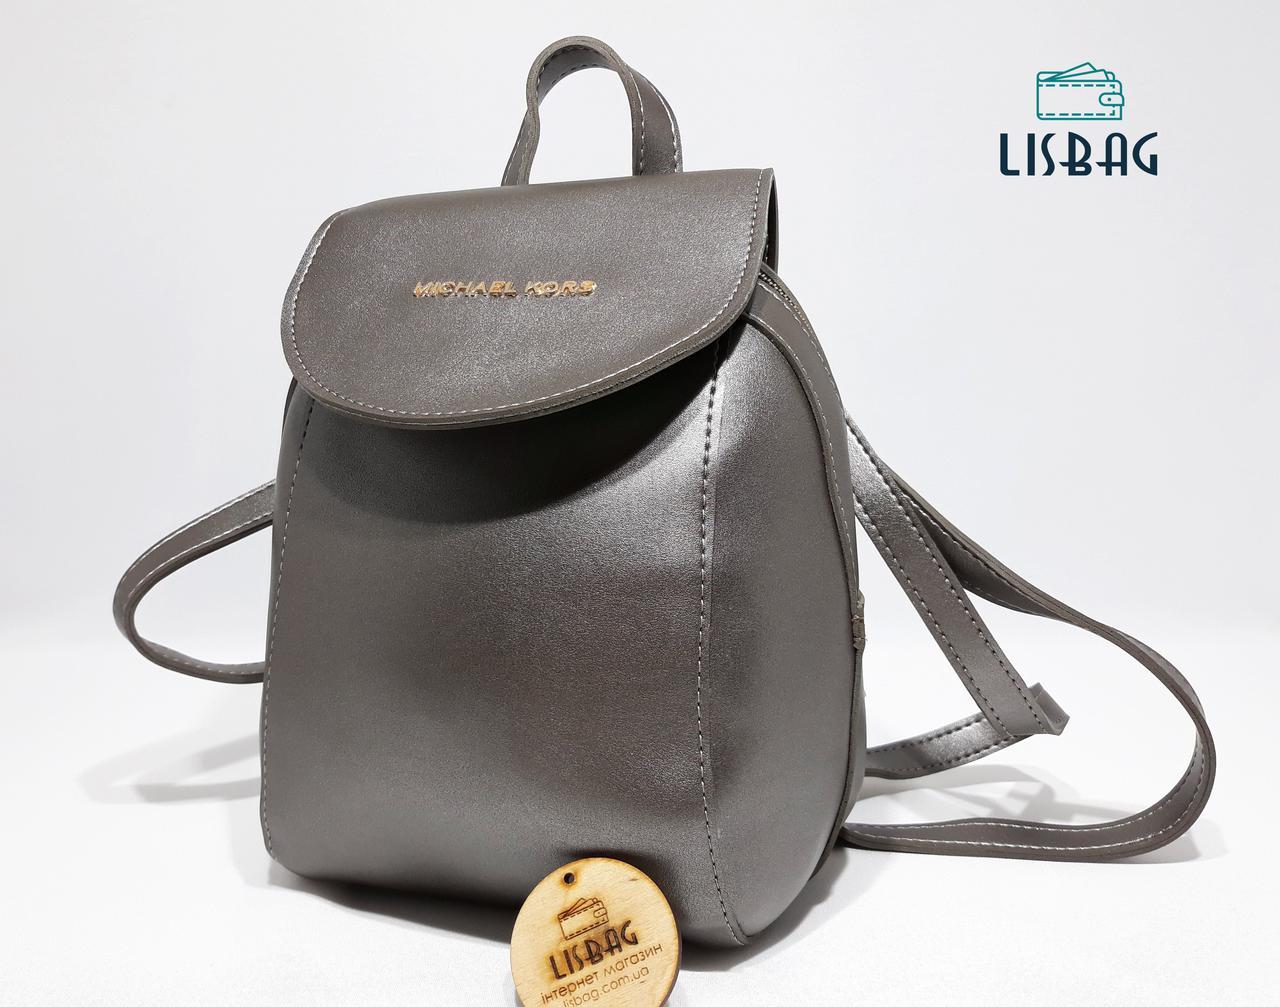 7162c12f14d5 Мини рюкзак Серебряный Michael Kors эксклюзивный рюкзак-сумка копия люкс - Интернет  магазин Lisbag в